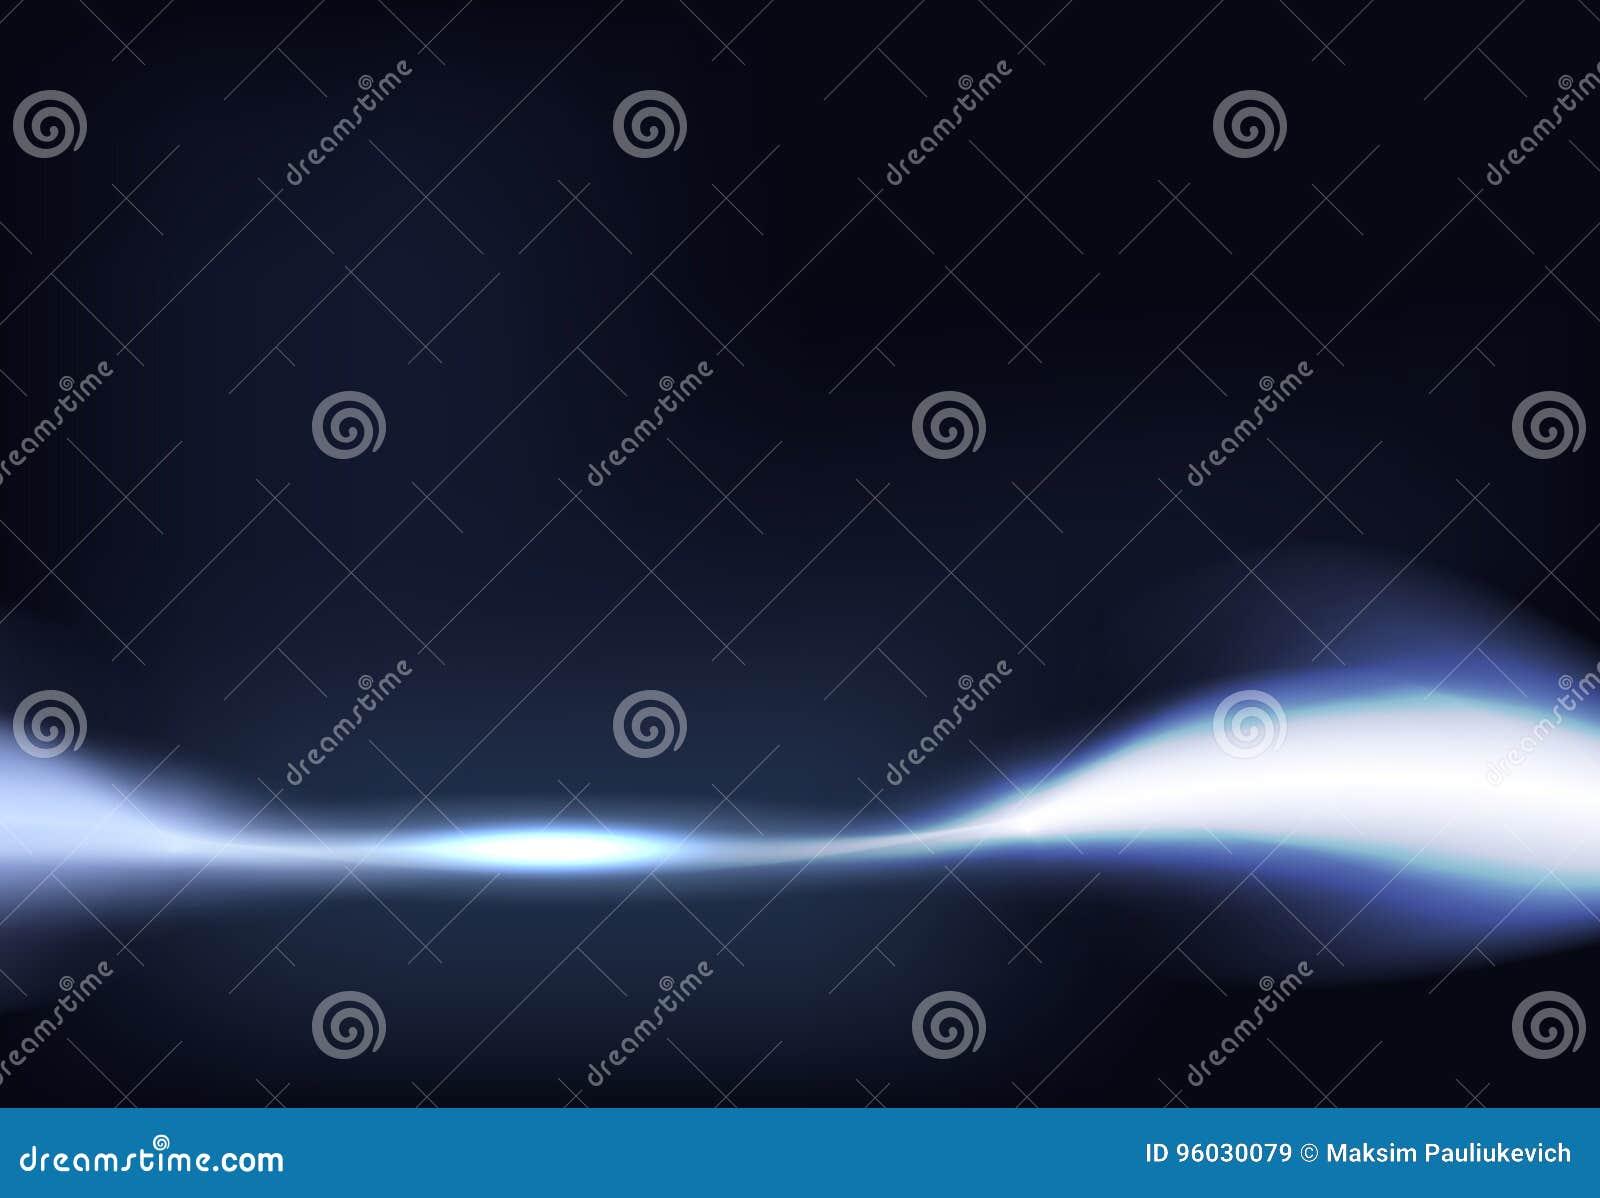 Wektorowa ilustracja zmrok - błękitny sztandar z rozjarzonym lekkim skutkiem